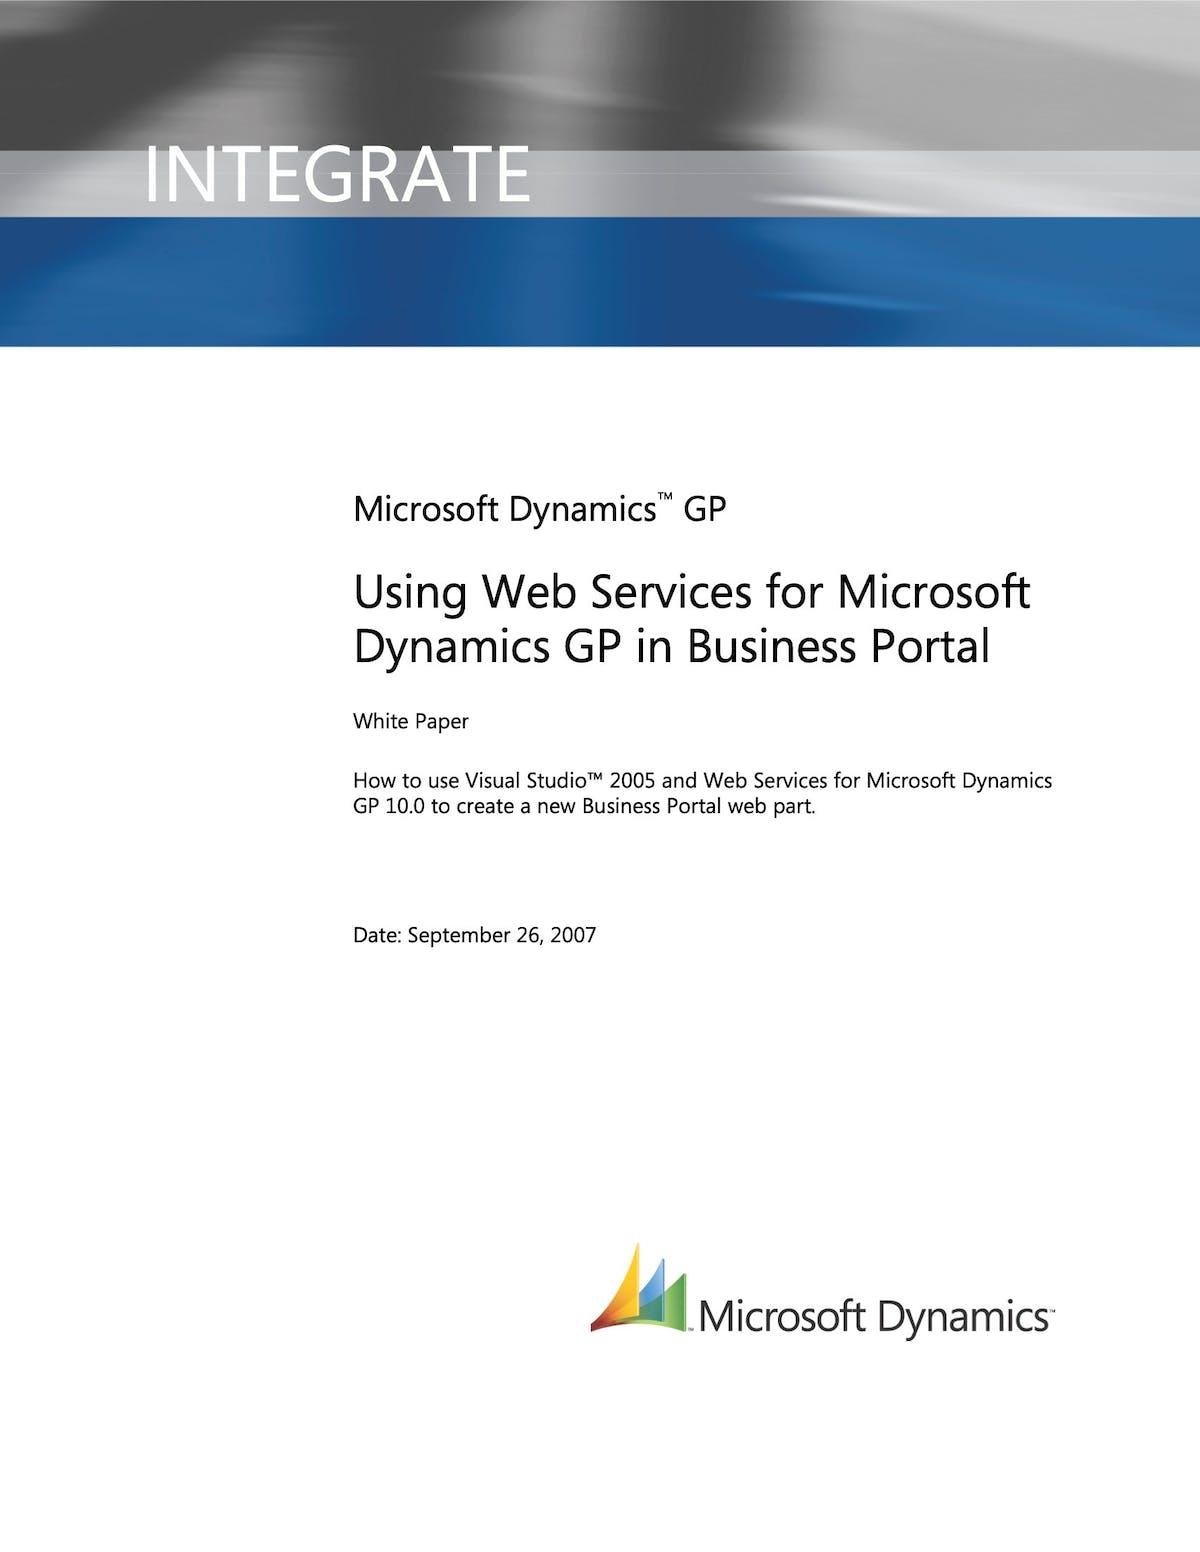 Microsoft Dynamics GP White Paper - Using Web Services for Microsoft Dynamics GP in Business Portal